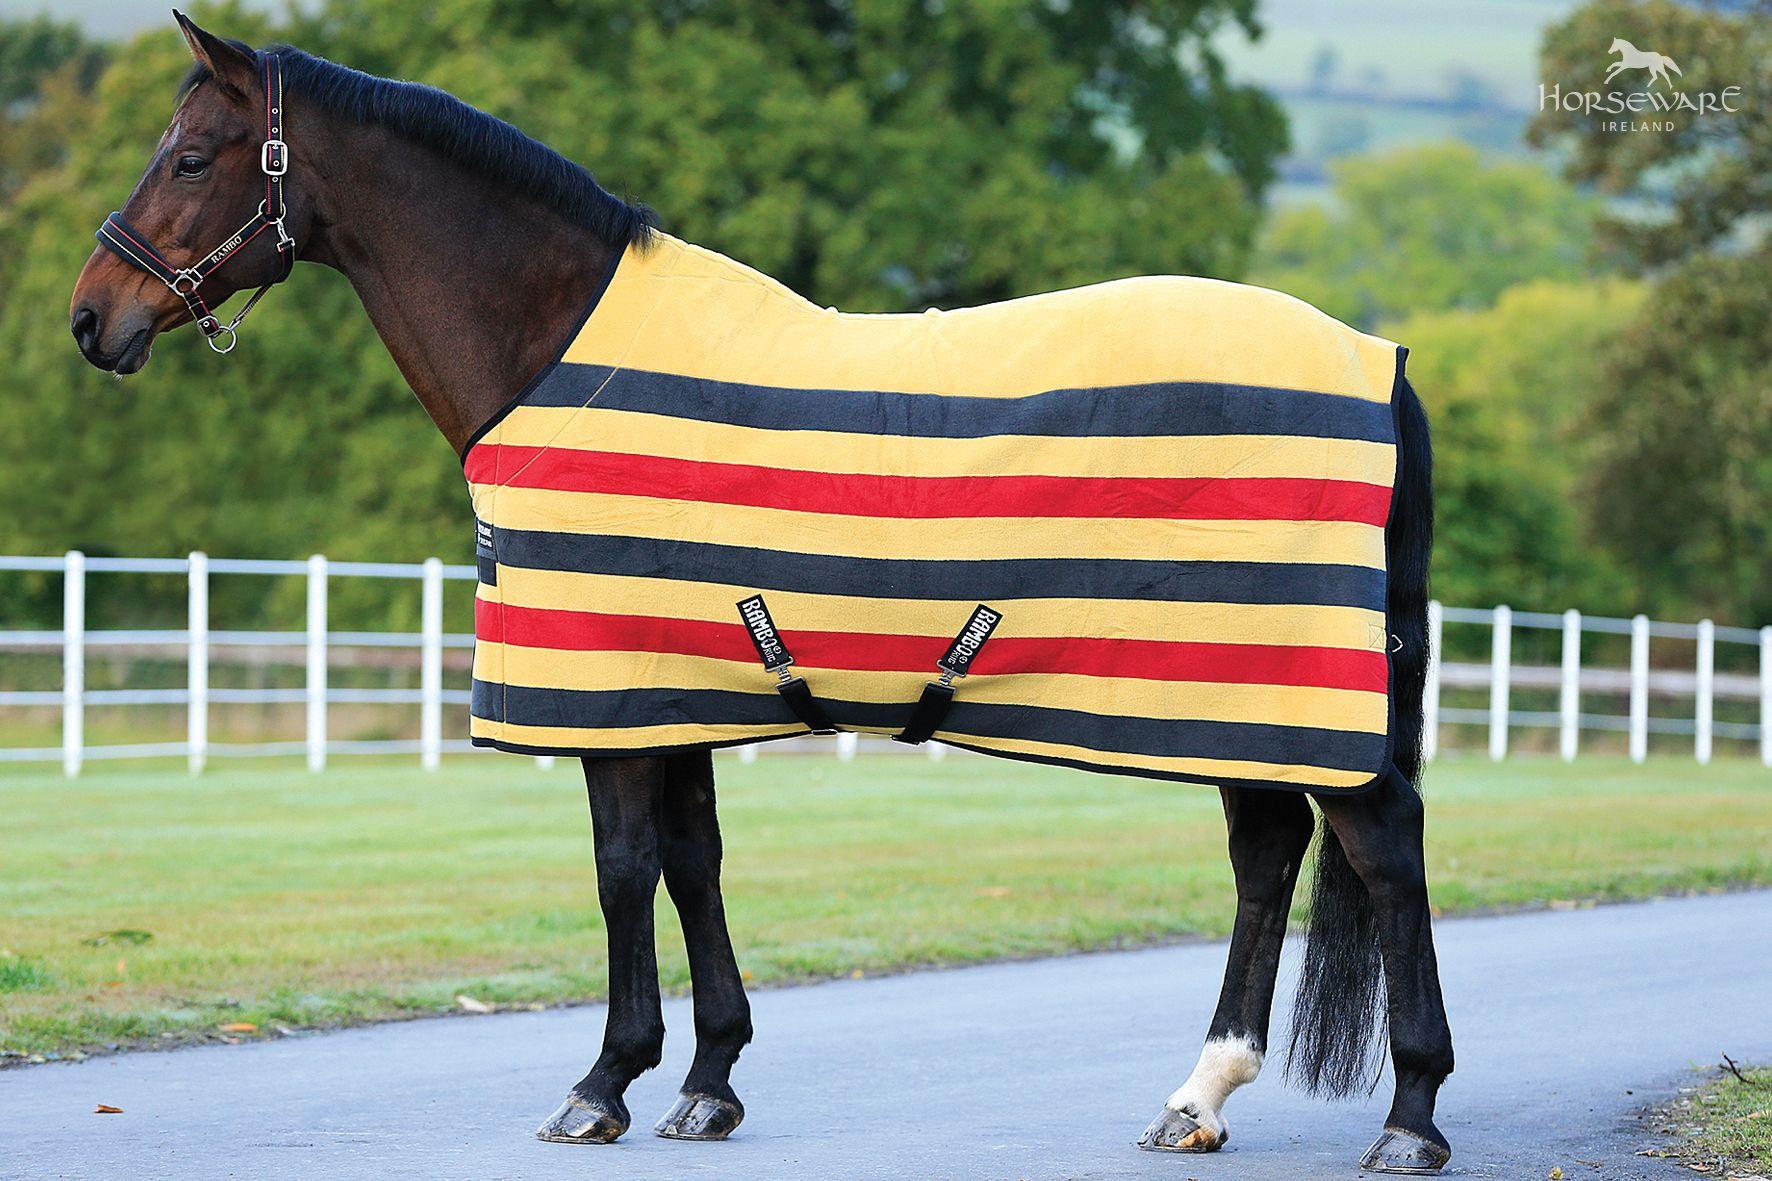 Horseware Ireland Rambo Cozy Stable Rug 400g